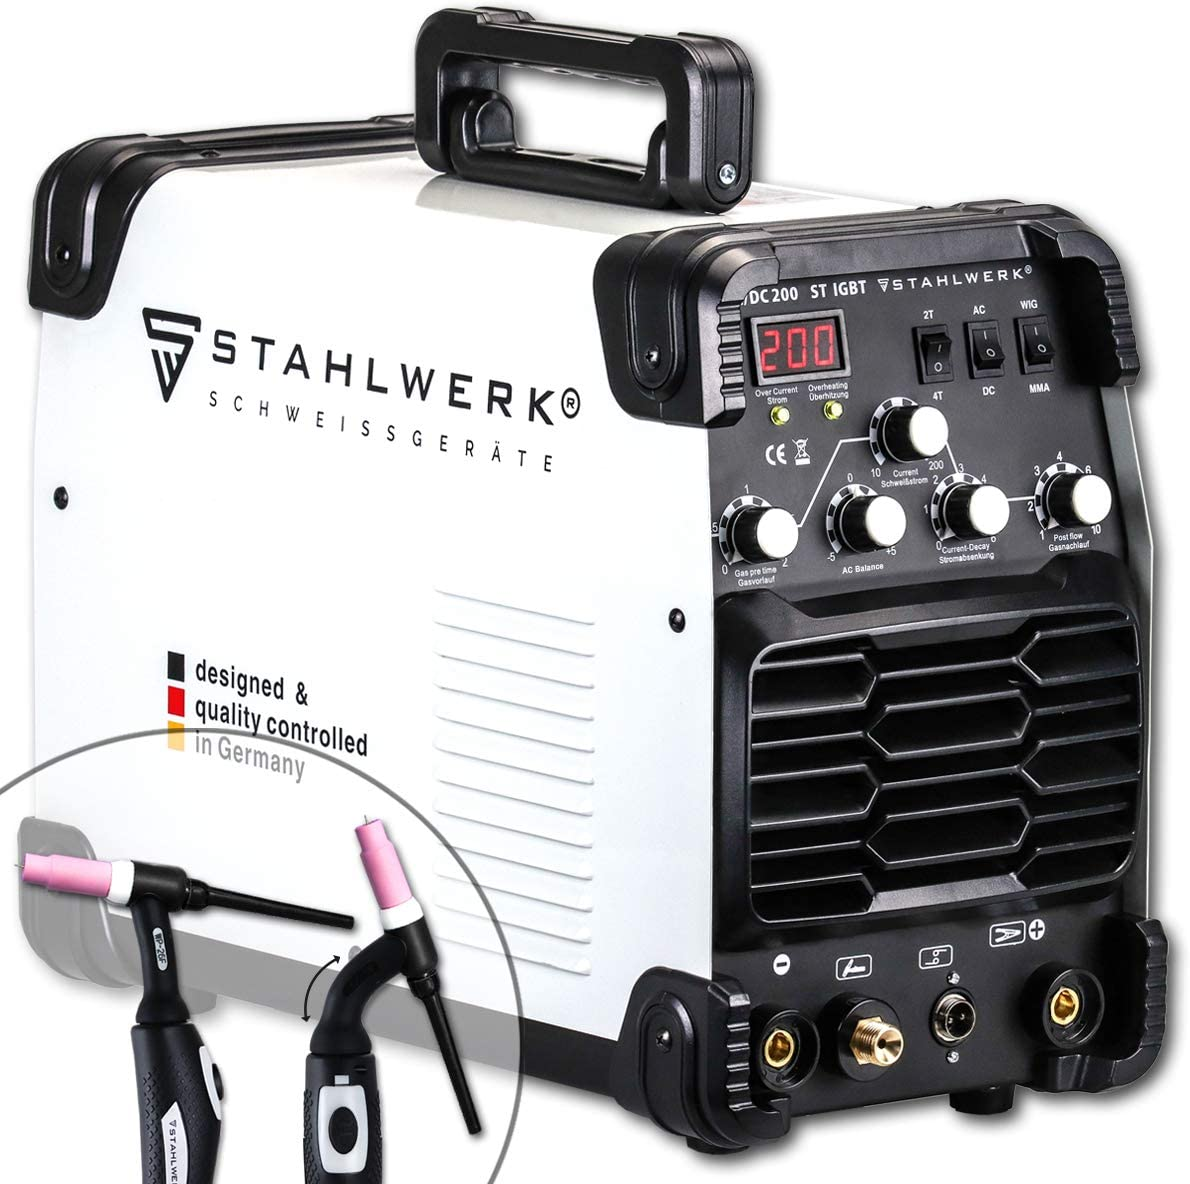 STAHLWERK AC/DC WIG 200 ST IGBT - Equipo de soldadura combinado con 200 amperios WIG & MMA, soldadura de aluminio, 7 años de garantía del fabricante